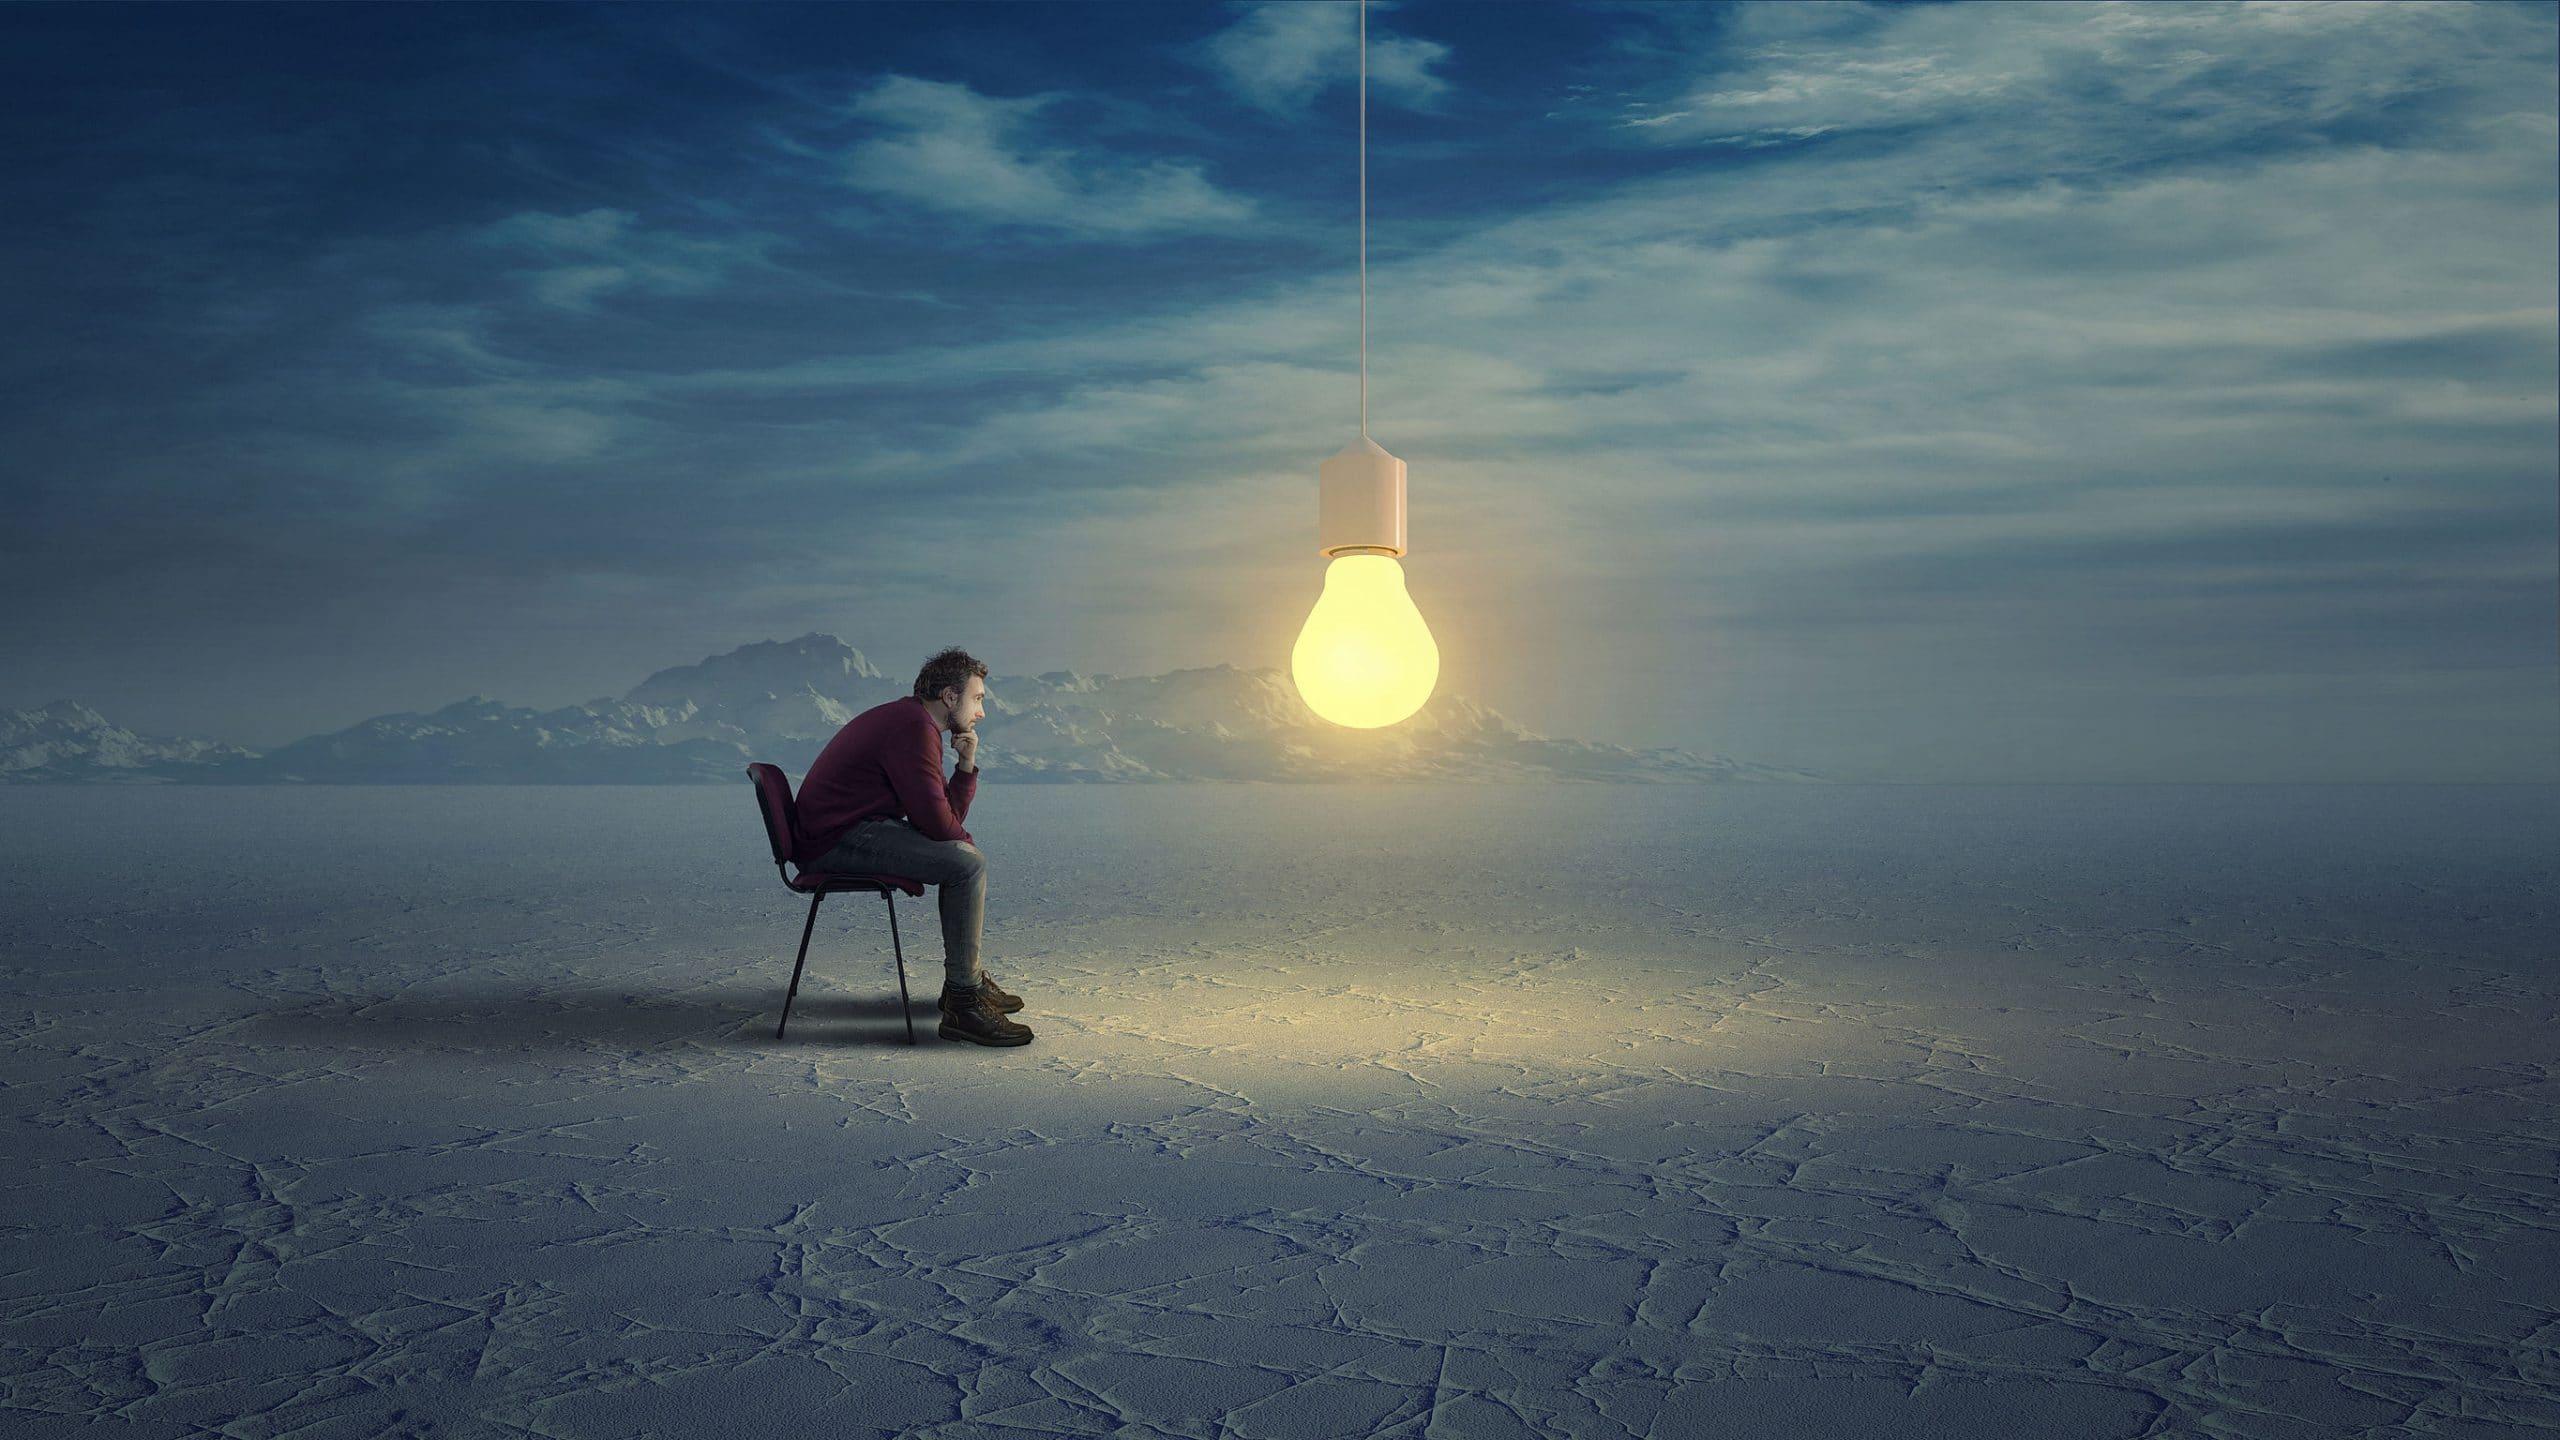 Homem sentado em uma cadeira de frente para uma lâmpada.